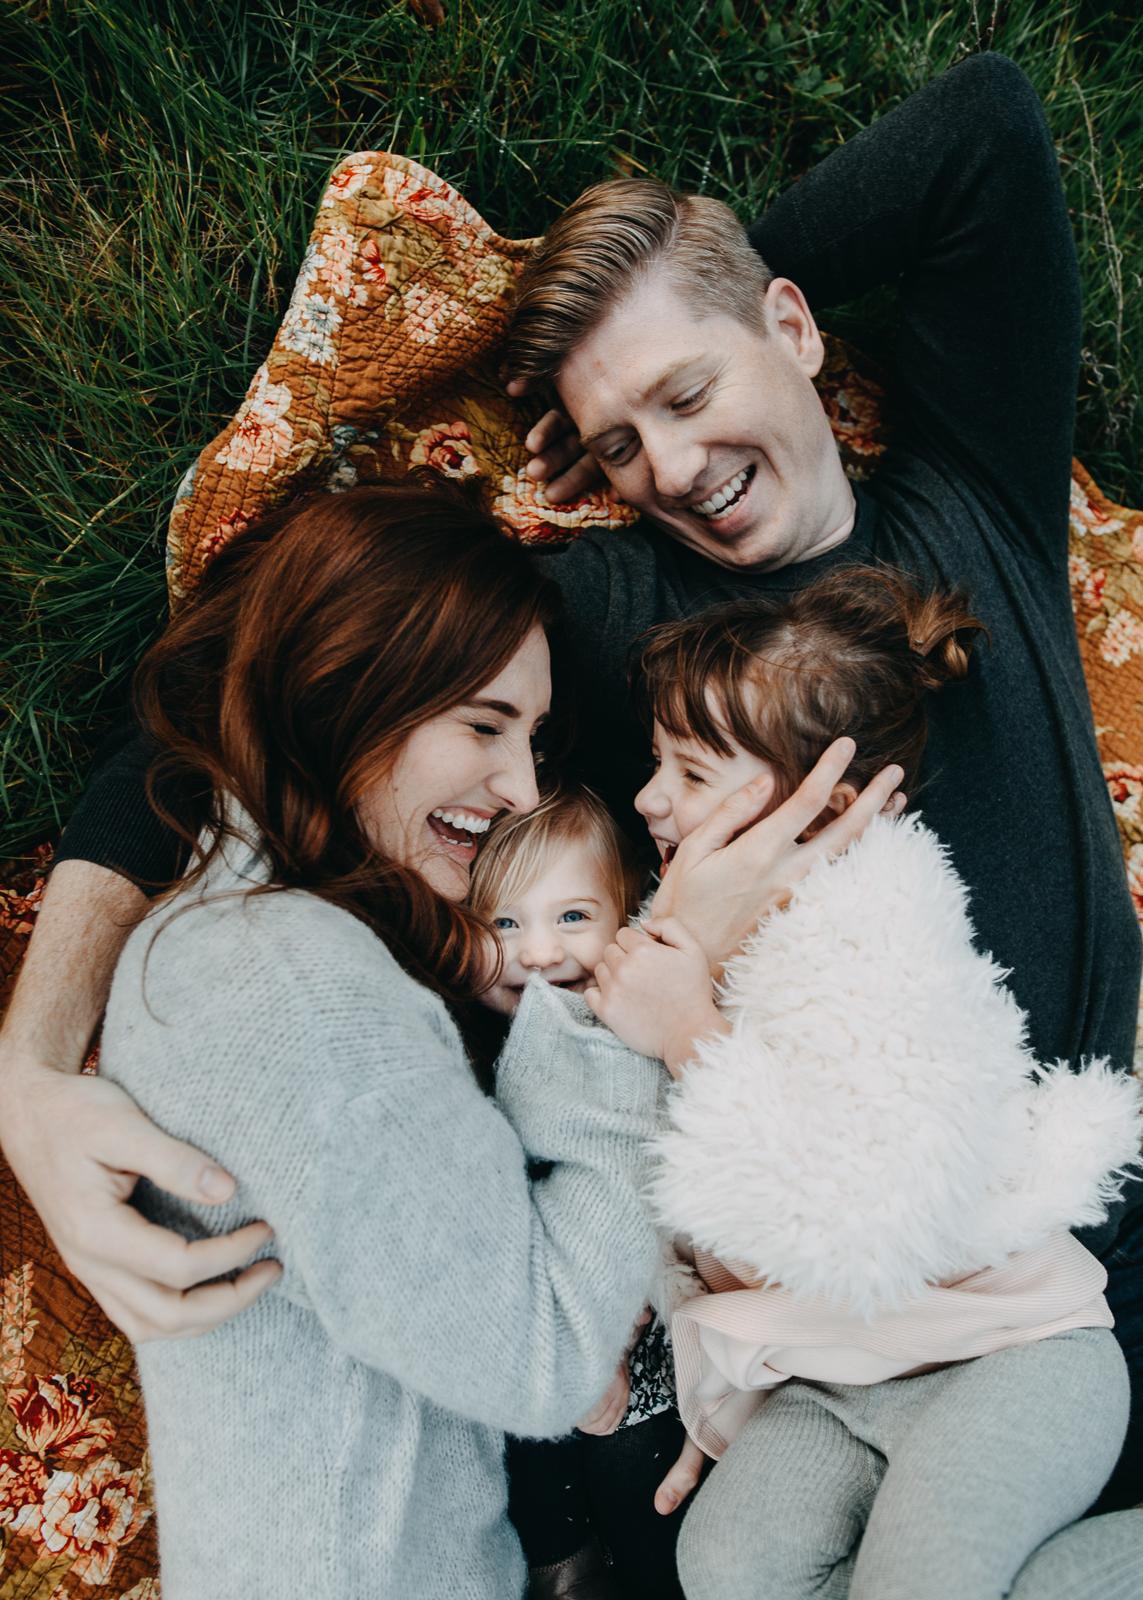 family hugging on blanket in grass